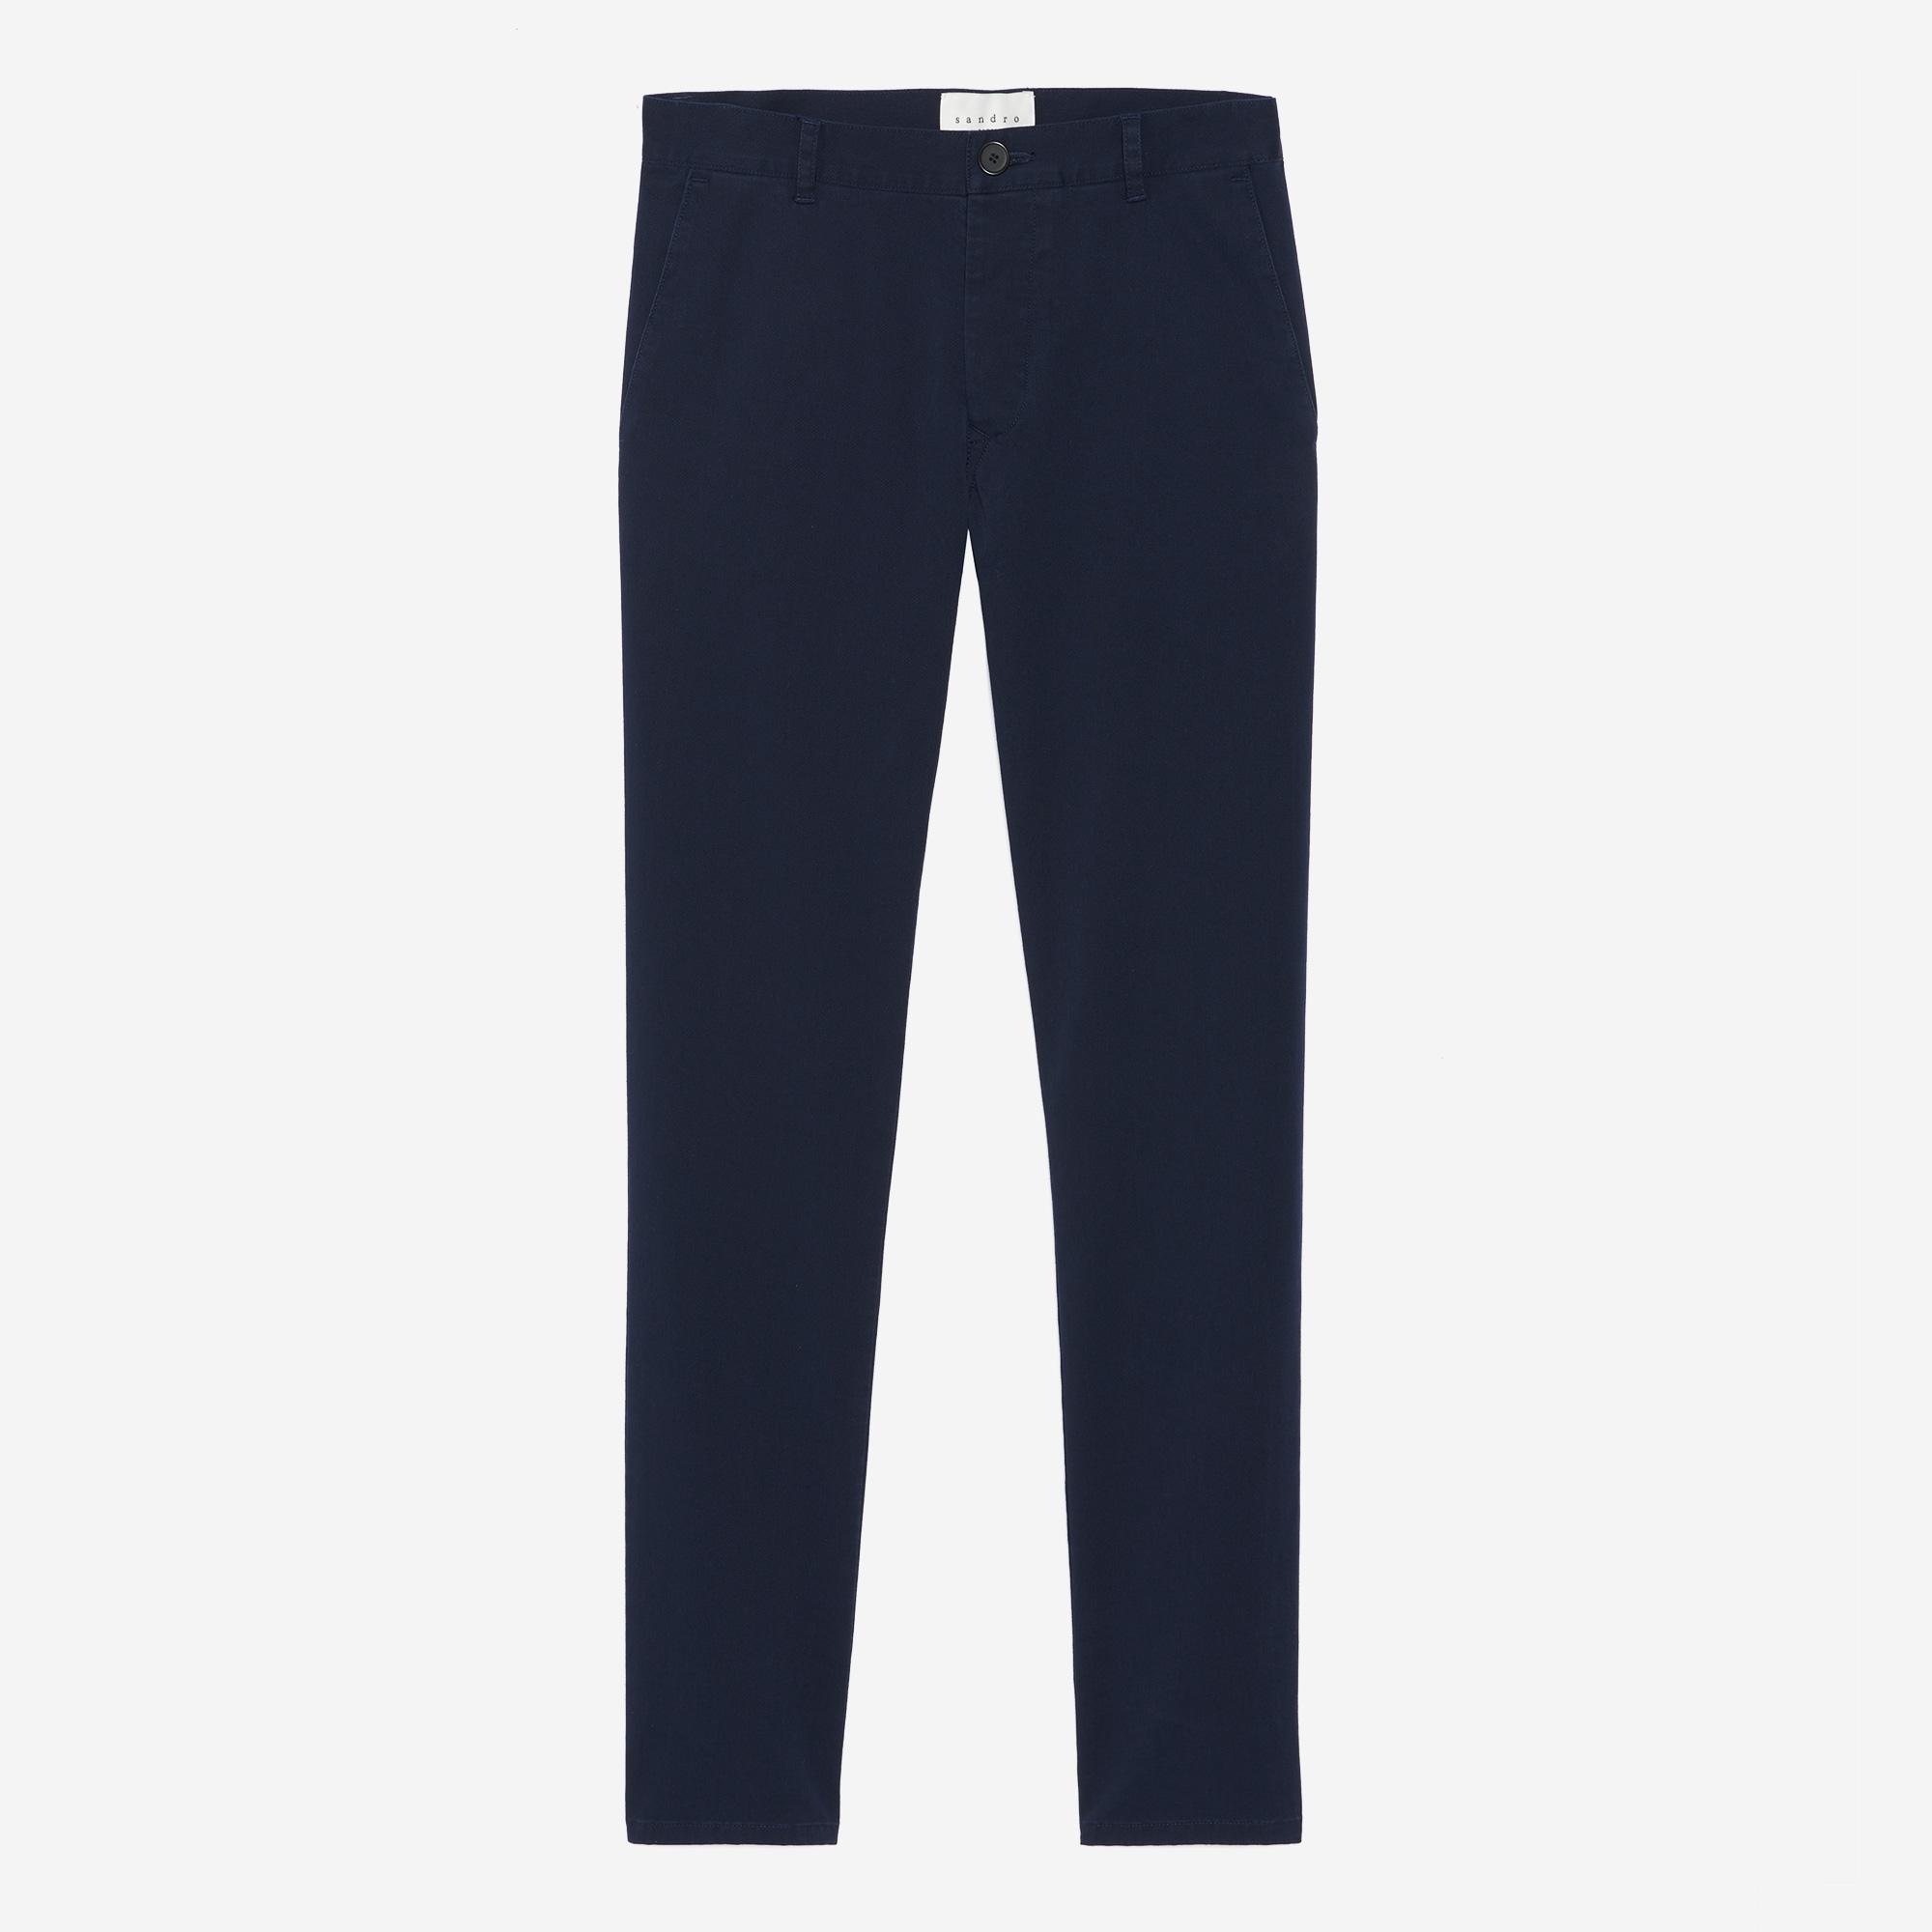 grand Prix vente en magasin images détaillées Chino trousers